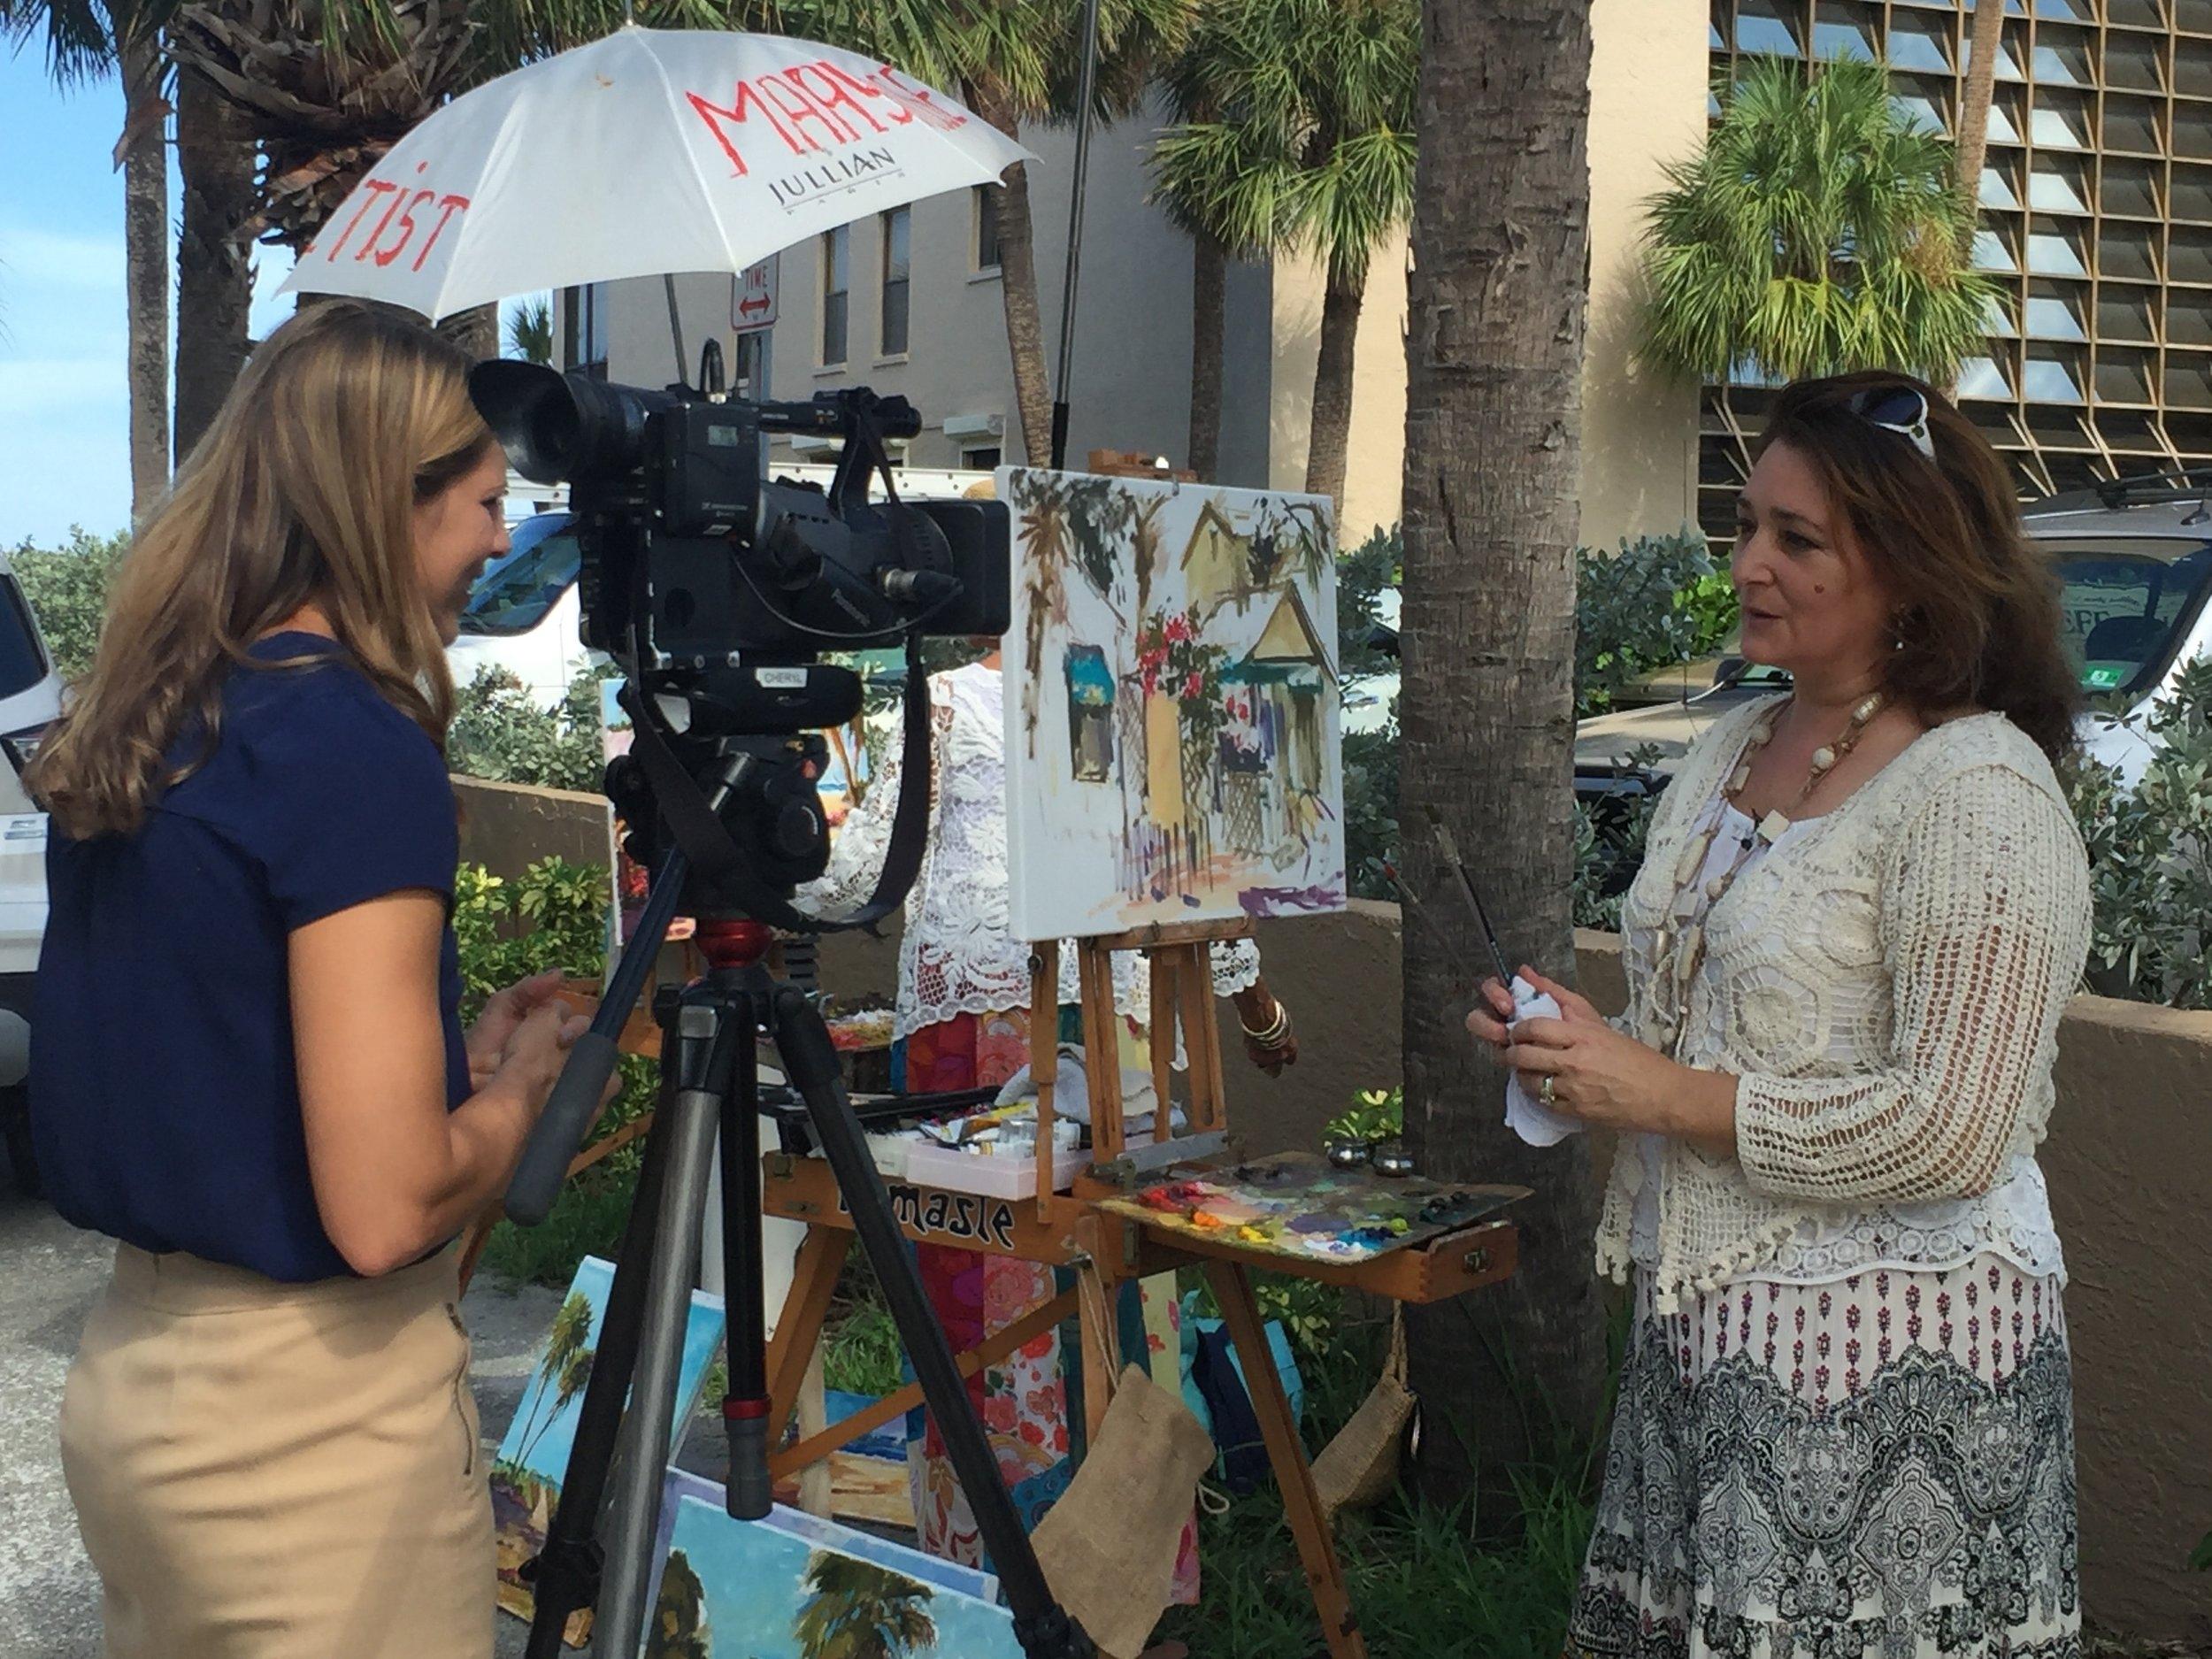 BN9 Reporter Sara Belsole interviews Cottage Artists Violetta Chandler